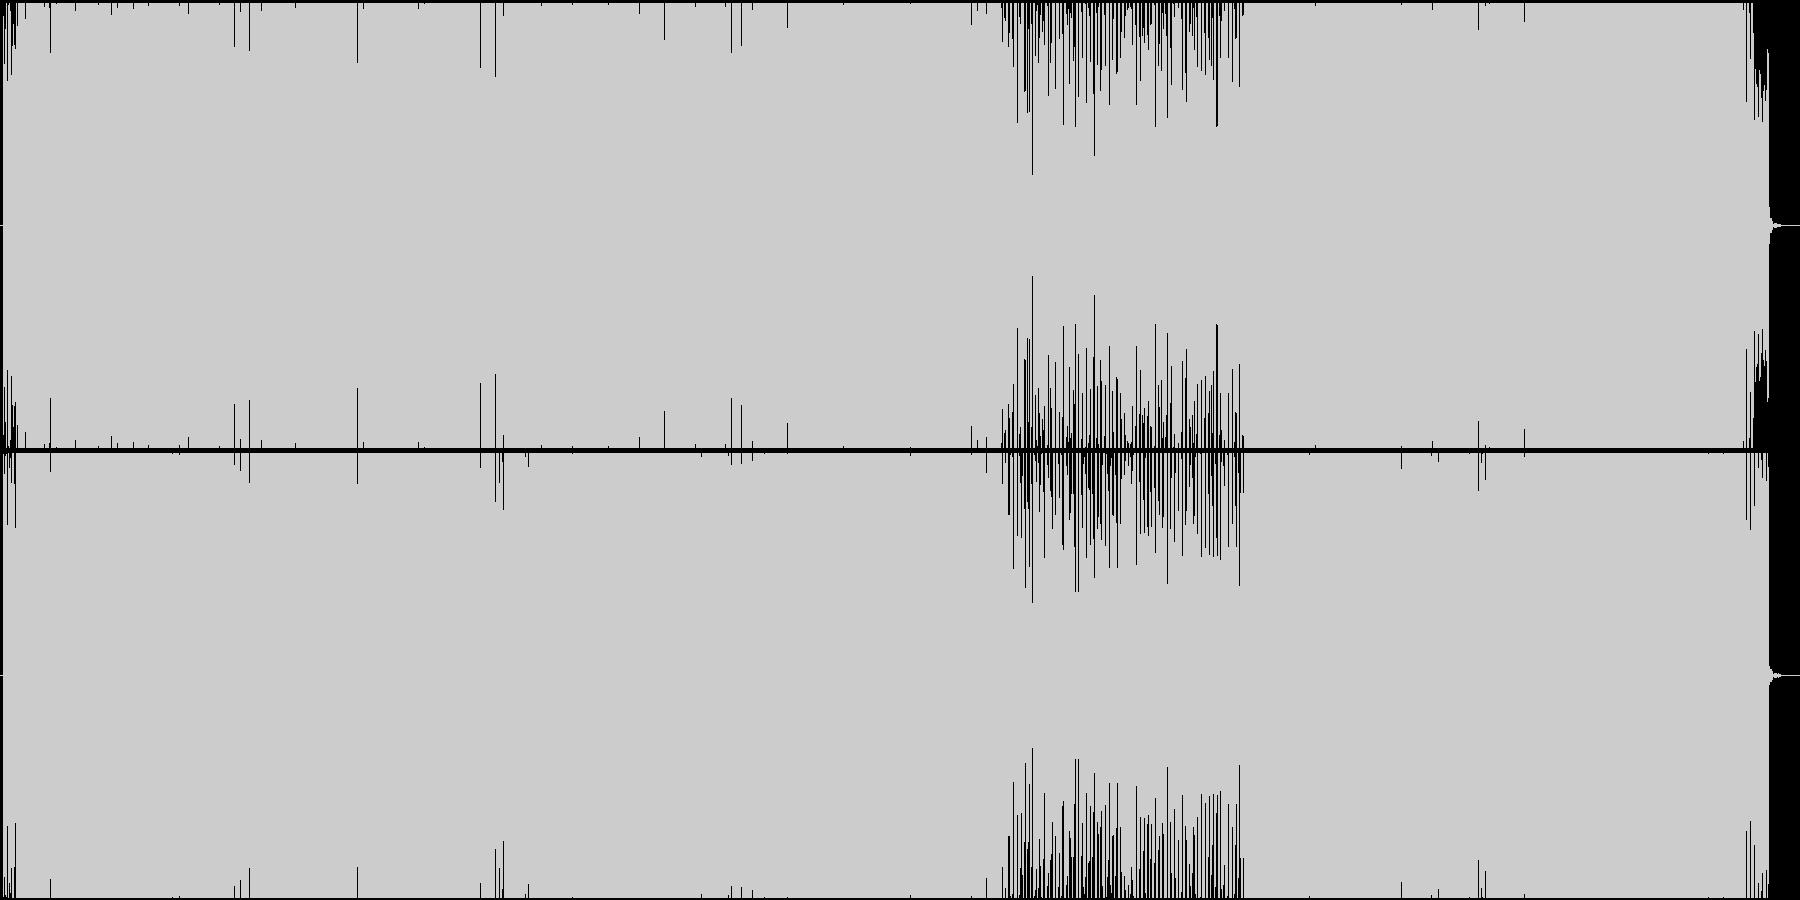 明るいEDM テクノ ポップ ver.2の未再生の波形